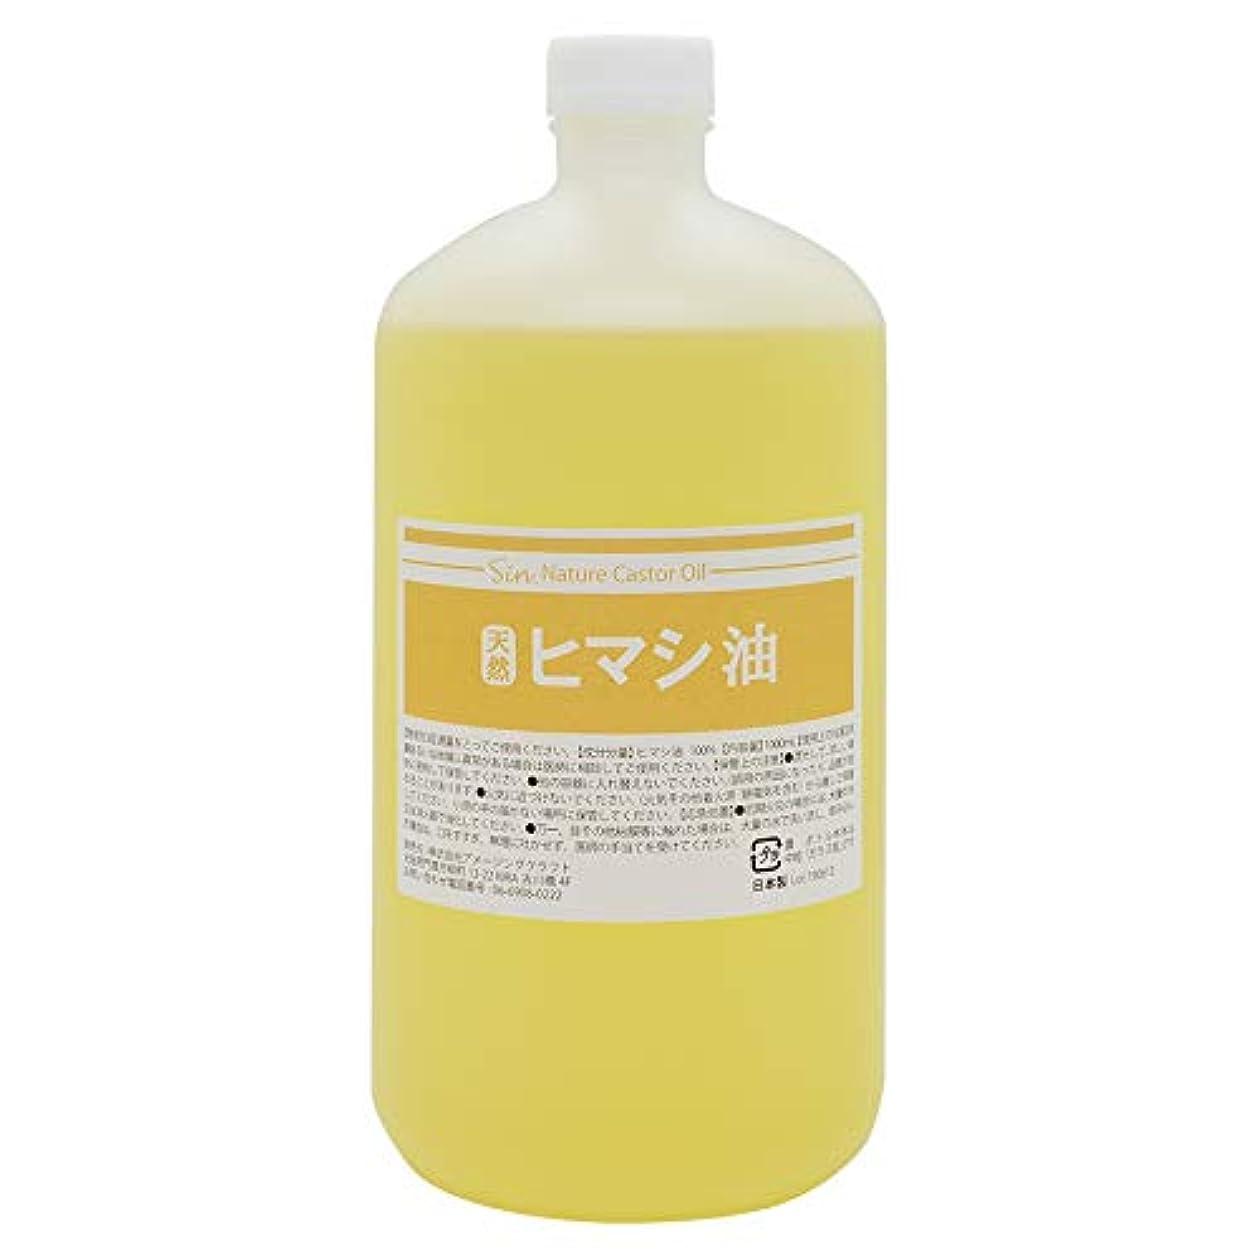 変な測定バイオリン天然無添加 国内精製 ひまし油 1000ml (ヒマシ油 キャスターオイル)